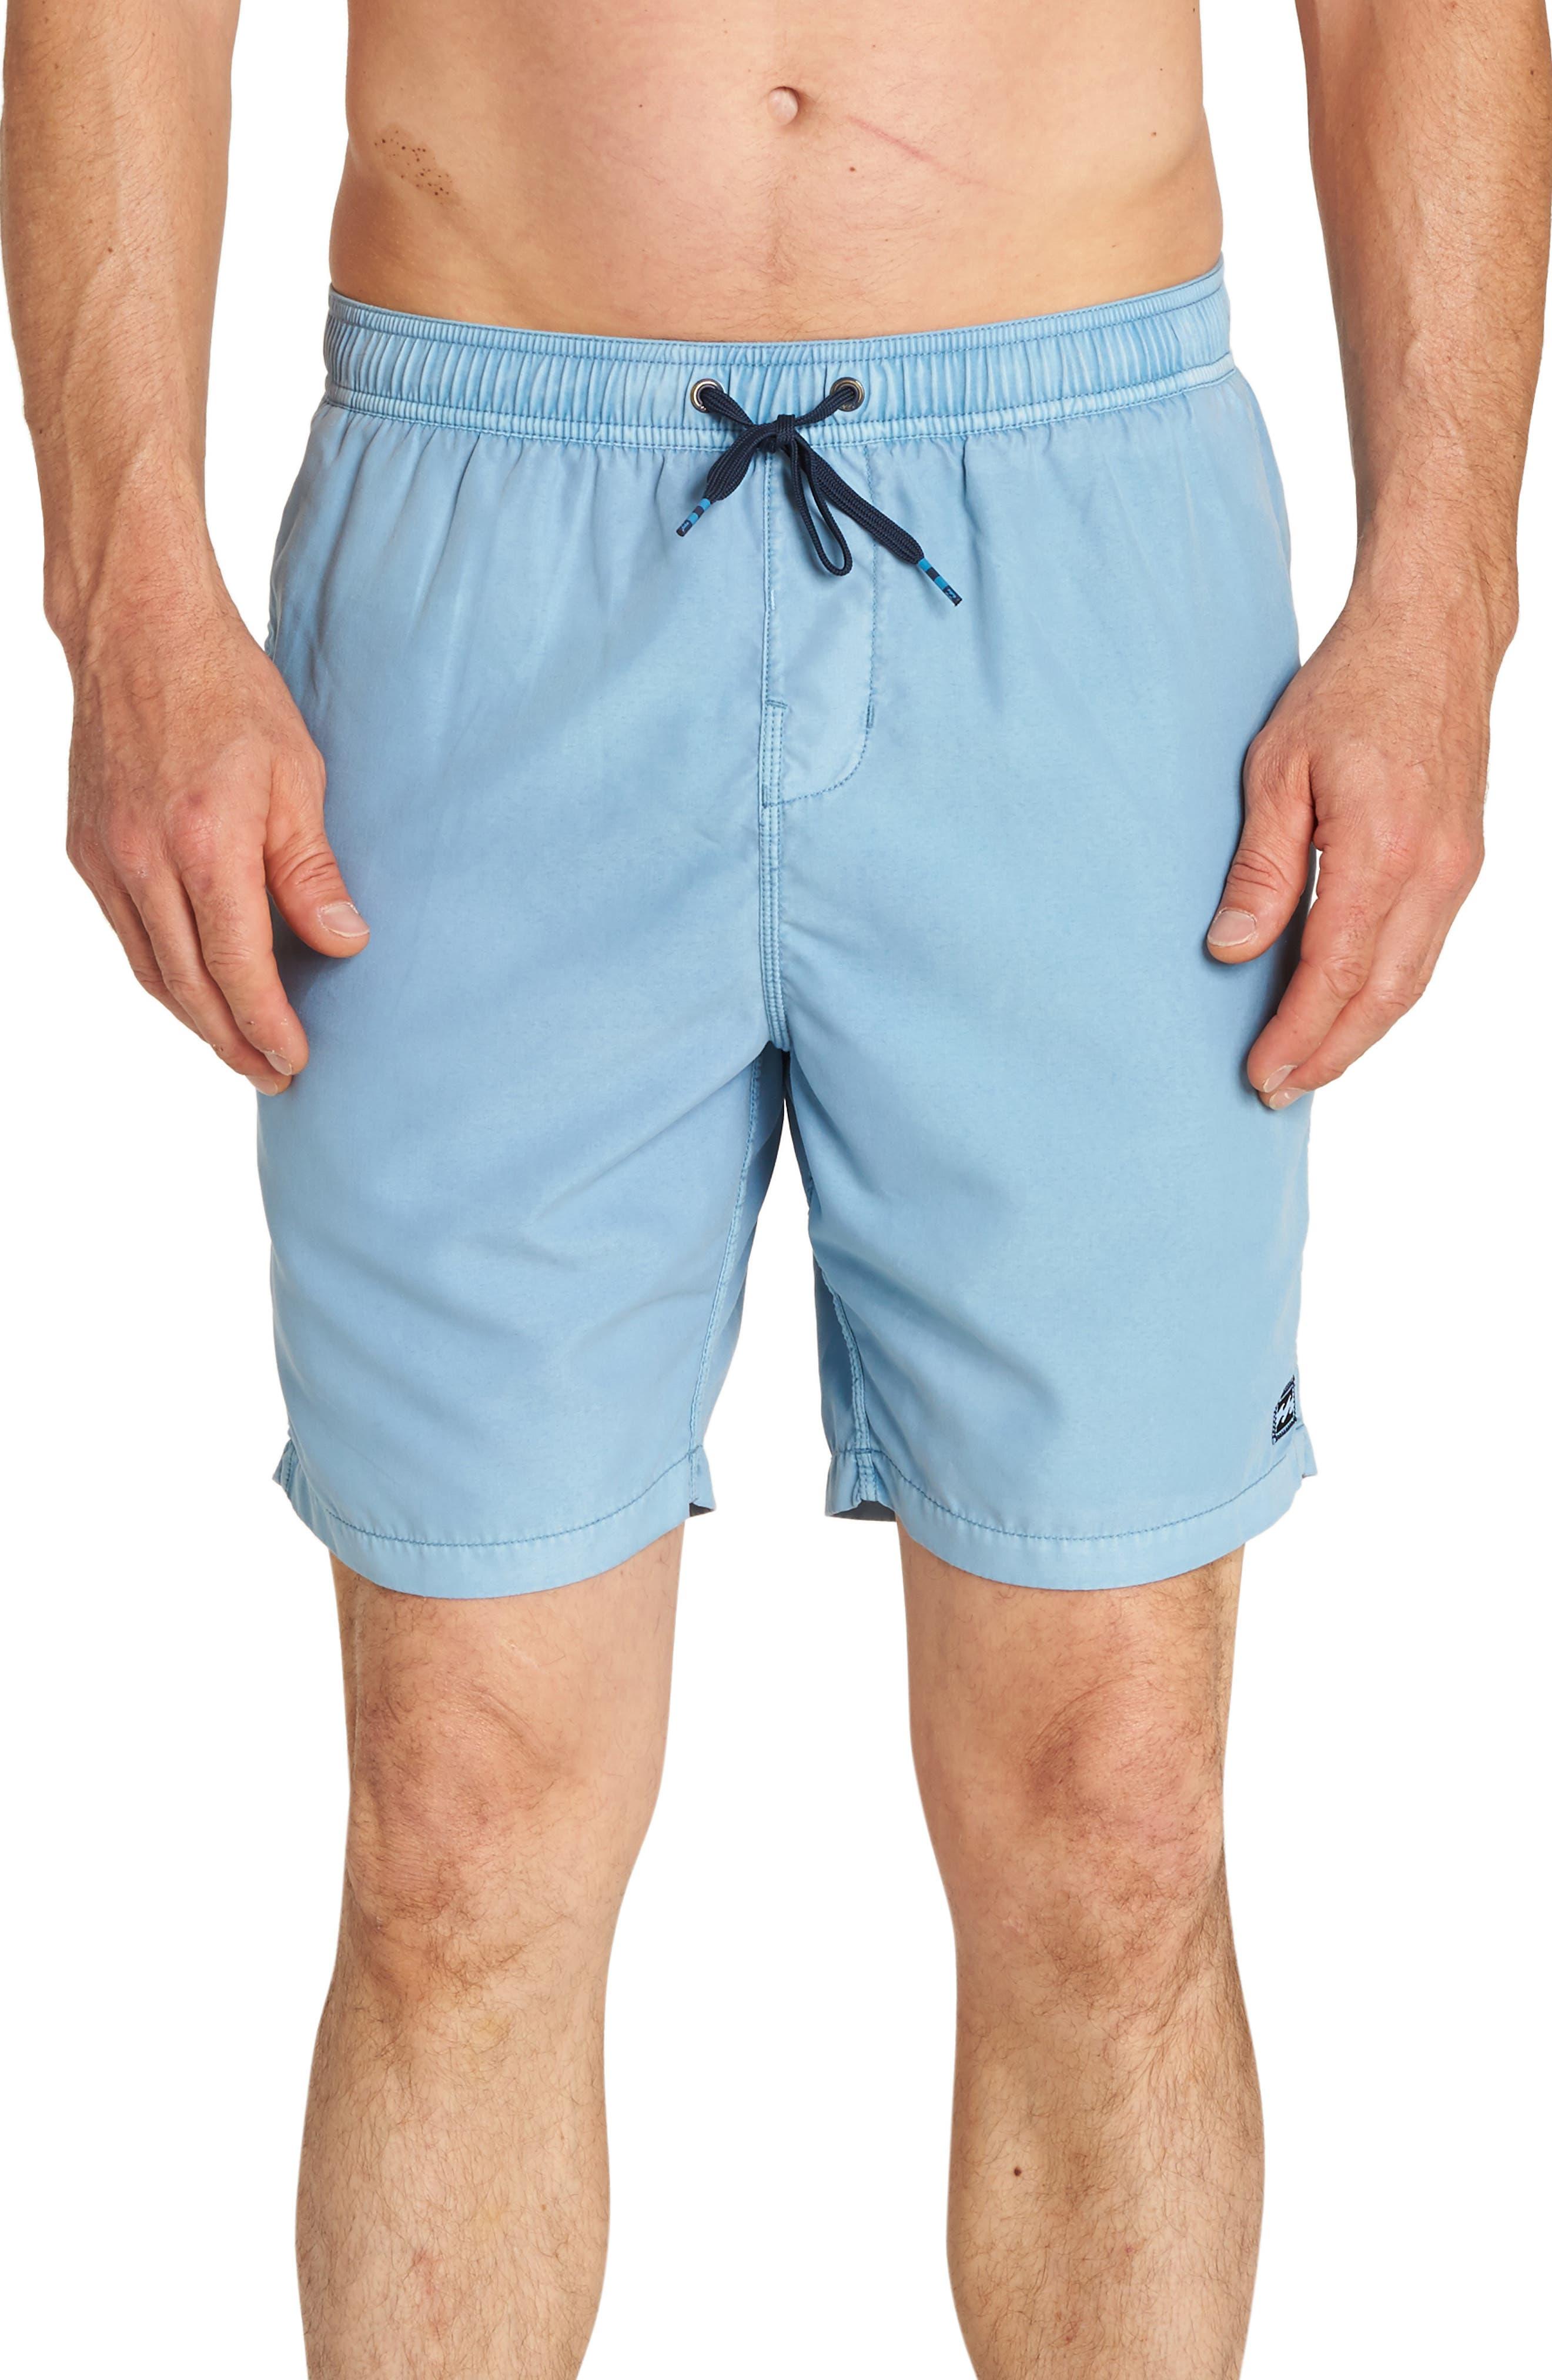 All Day Layback Board Shorts,                             Main thumbnail 1, color,                             BLUE